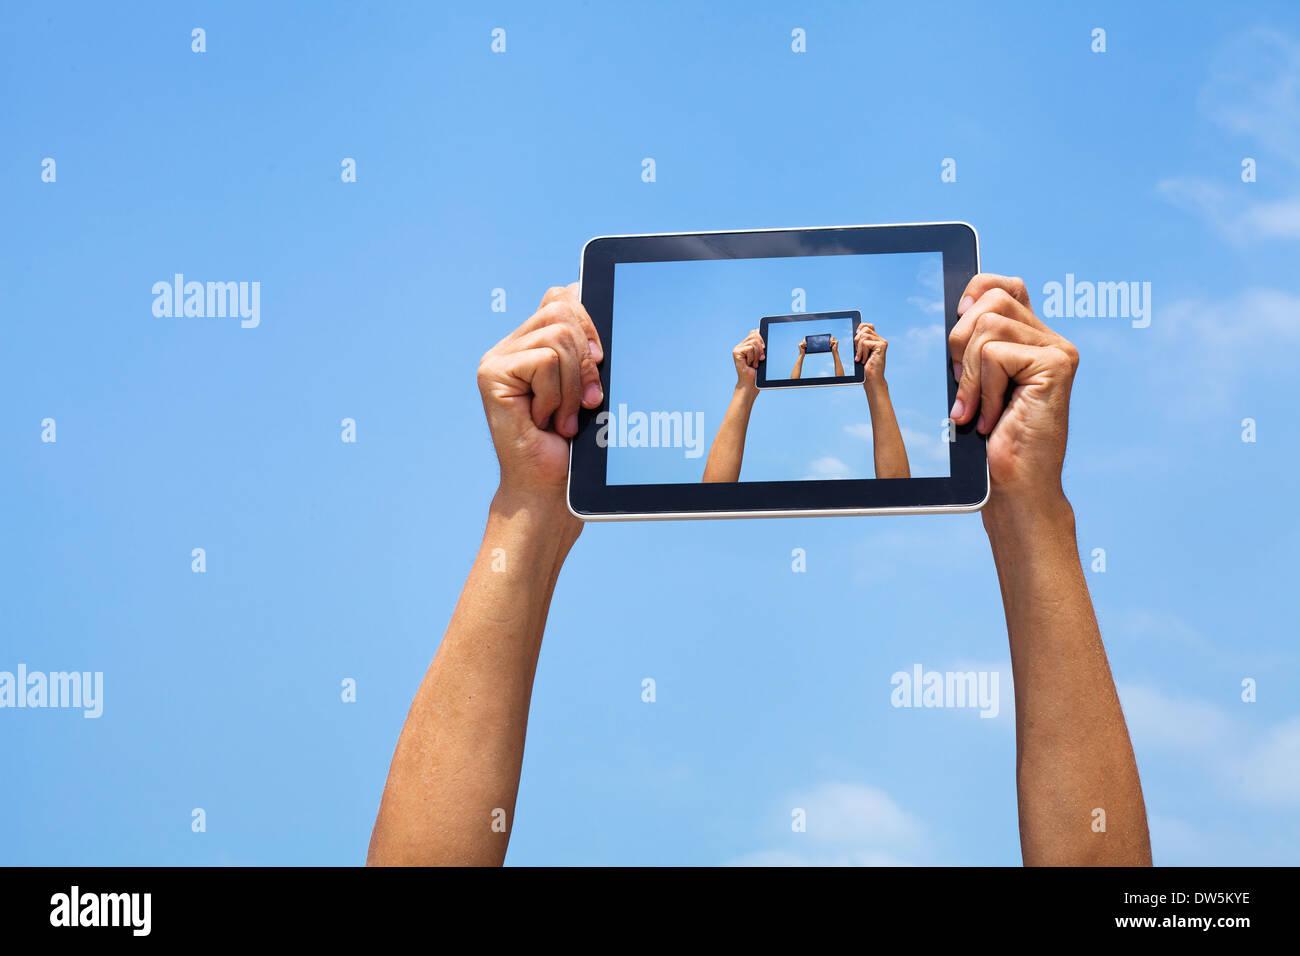 Manos sosteniendo tableta en blue sky Imagen De Stock